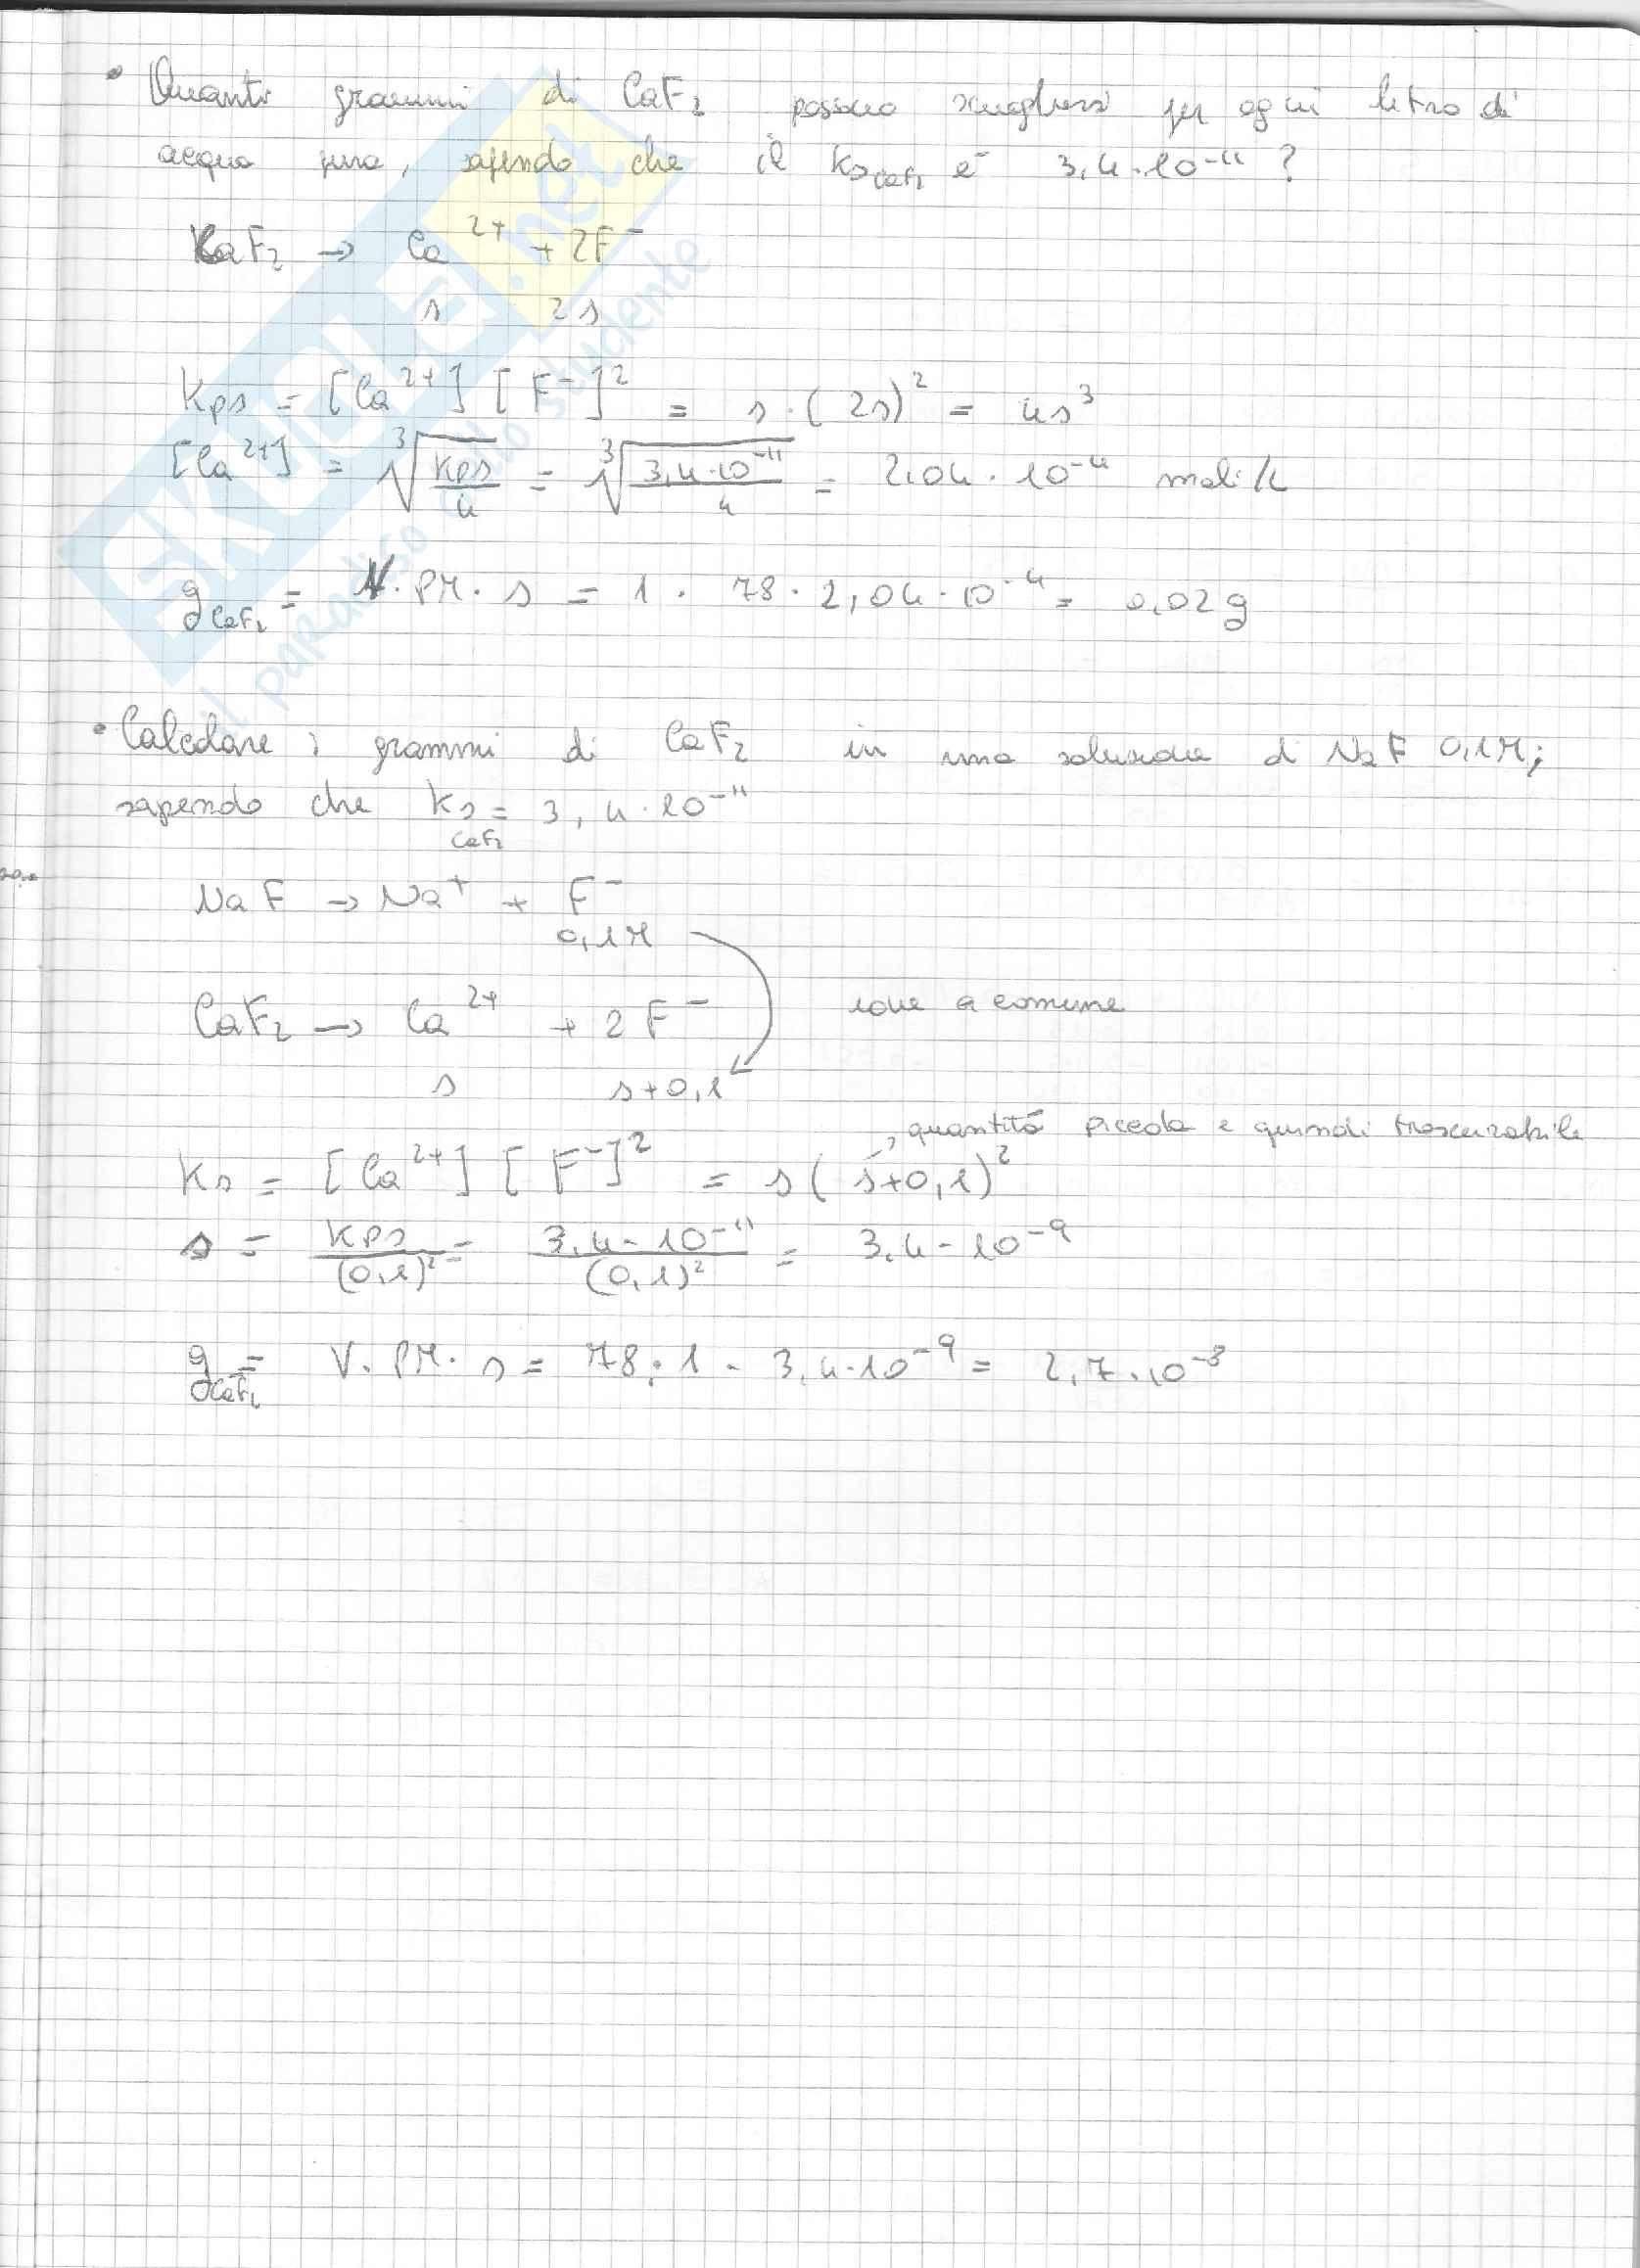 Esercizi Svolti Di Chimica Inorganica Pag. 16